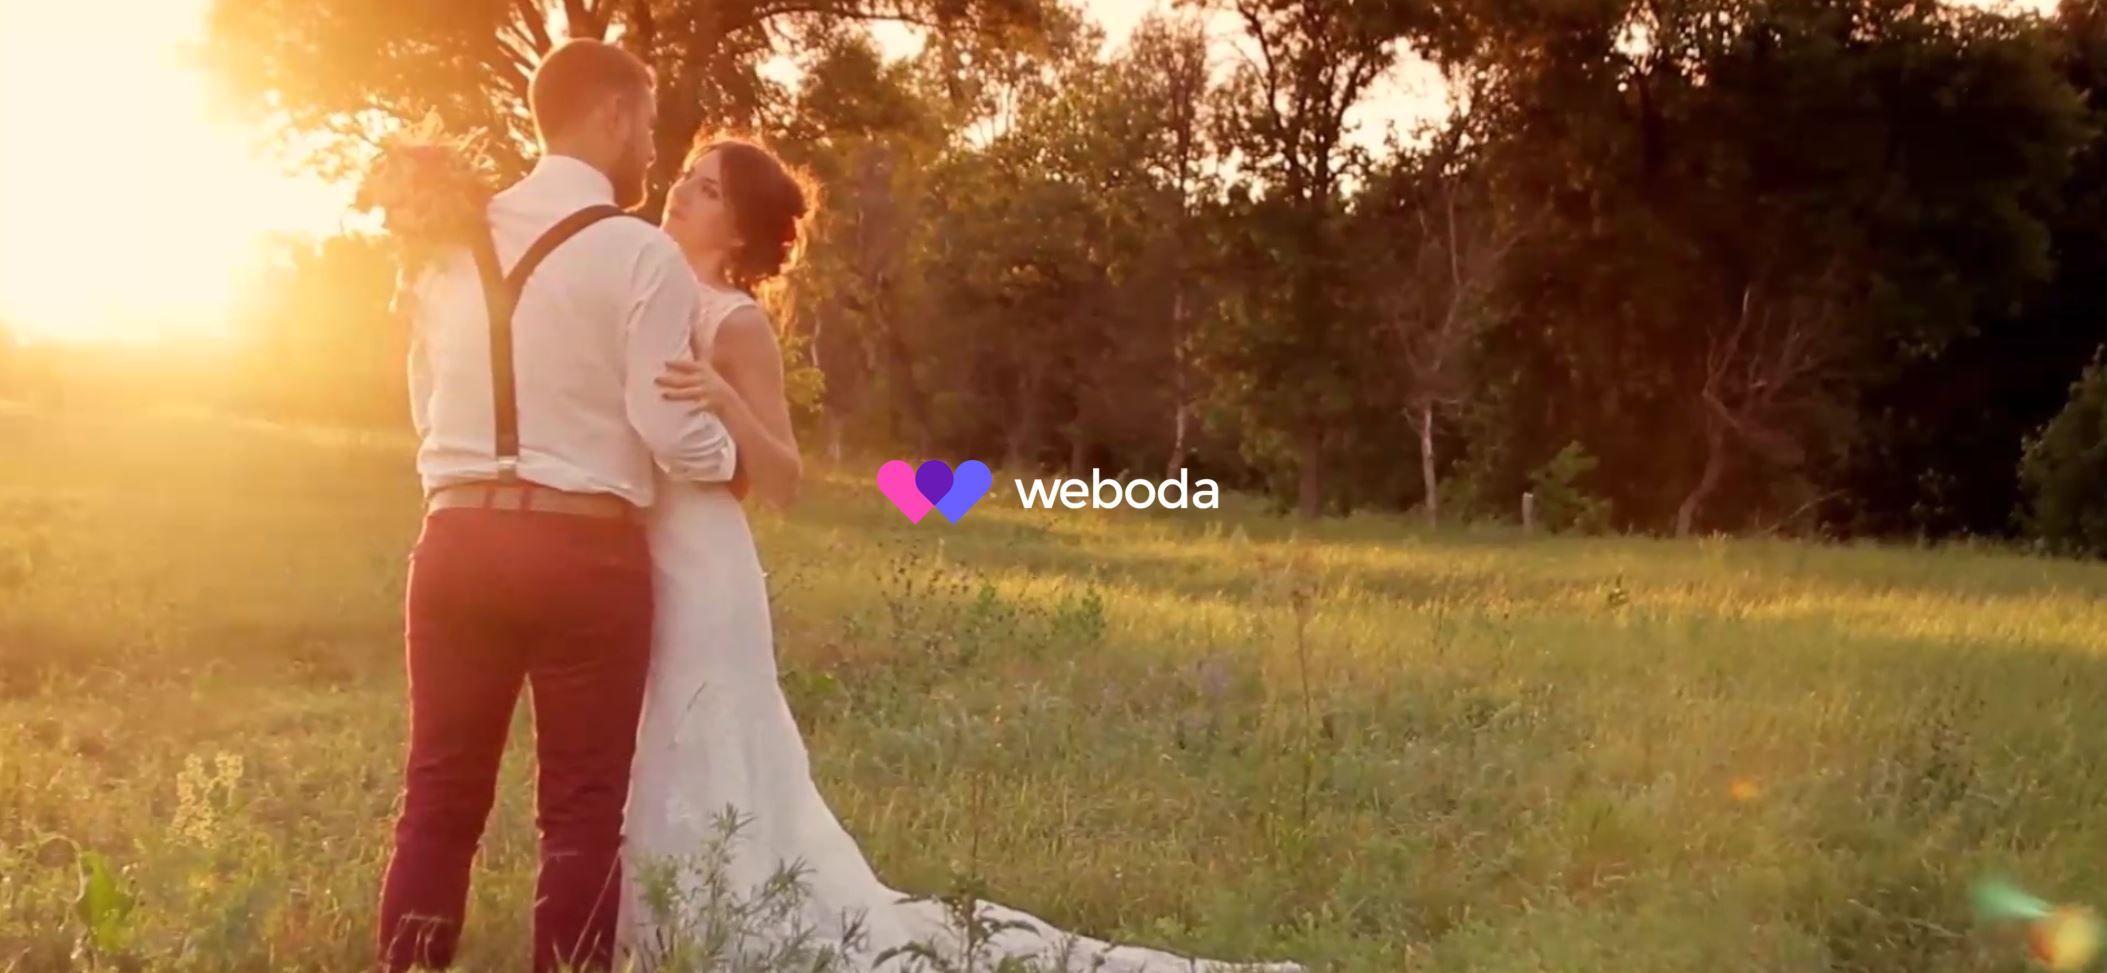 Weboda, la idea perfecta para una boda original